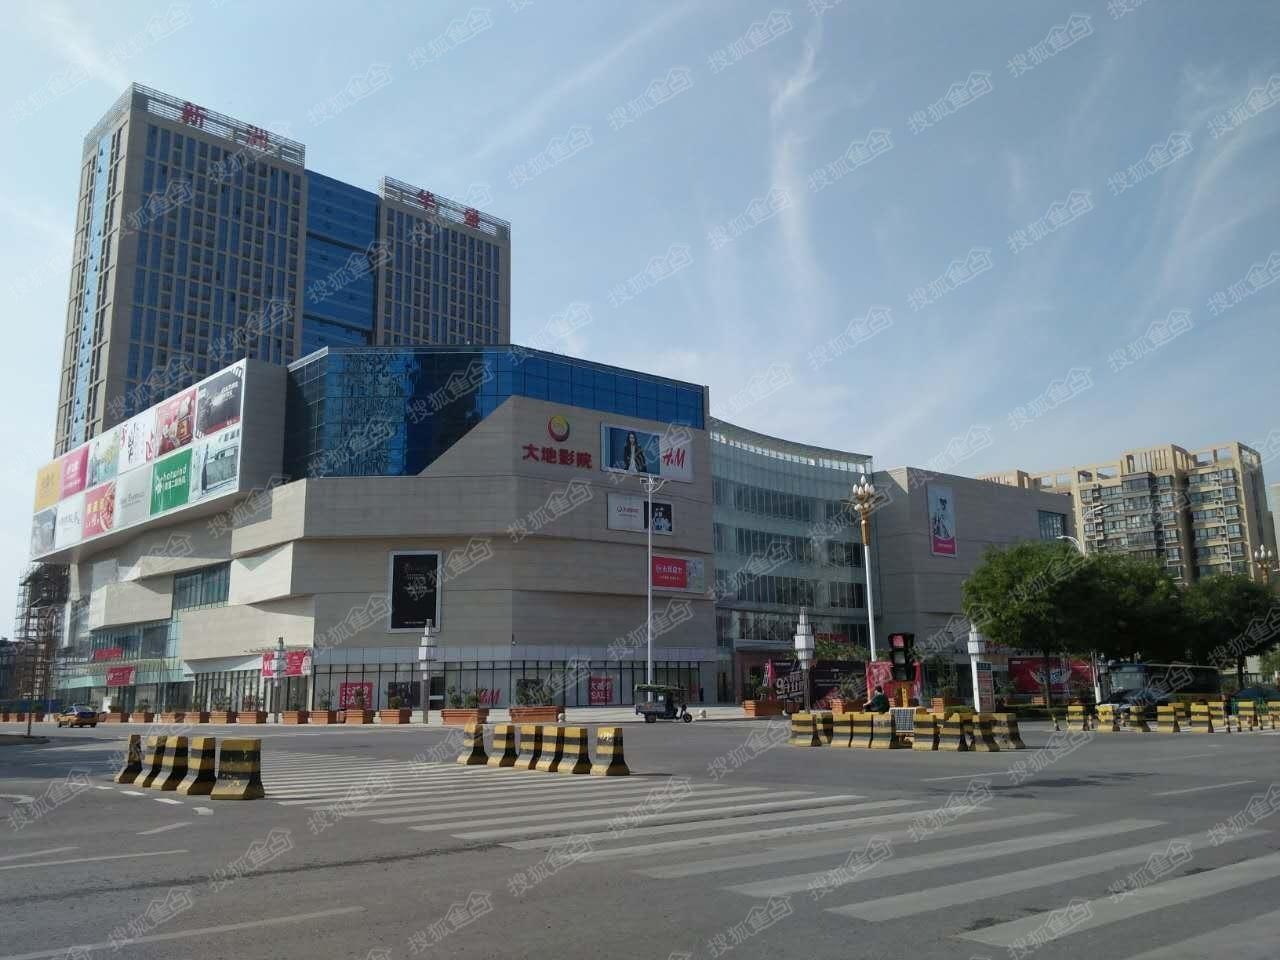 渭南2018投资选择公寓还是商铺?